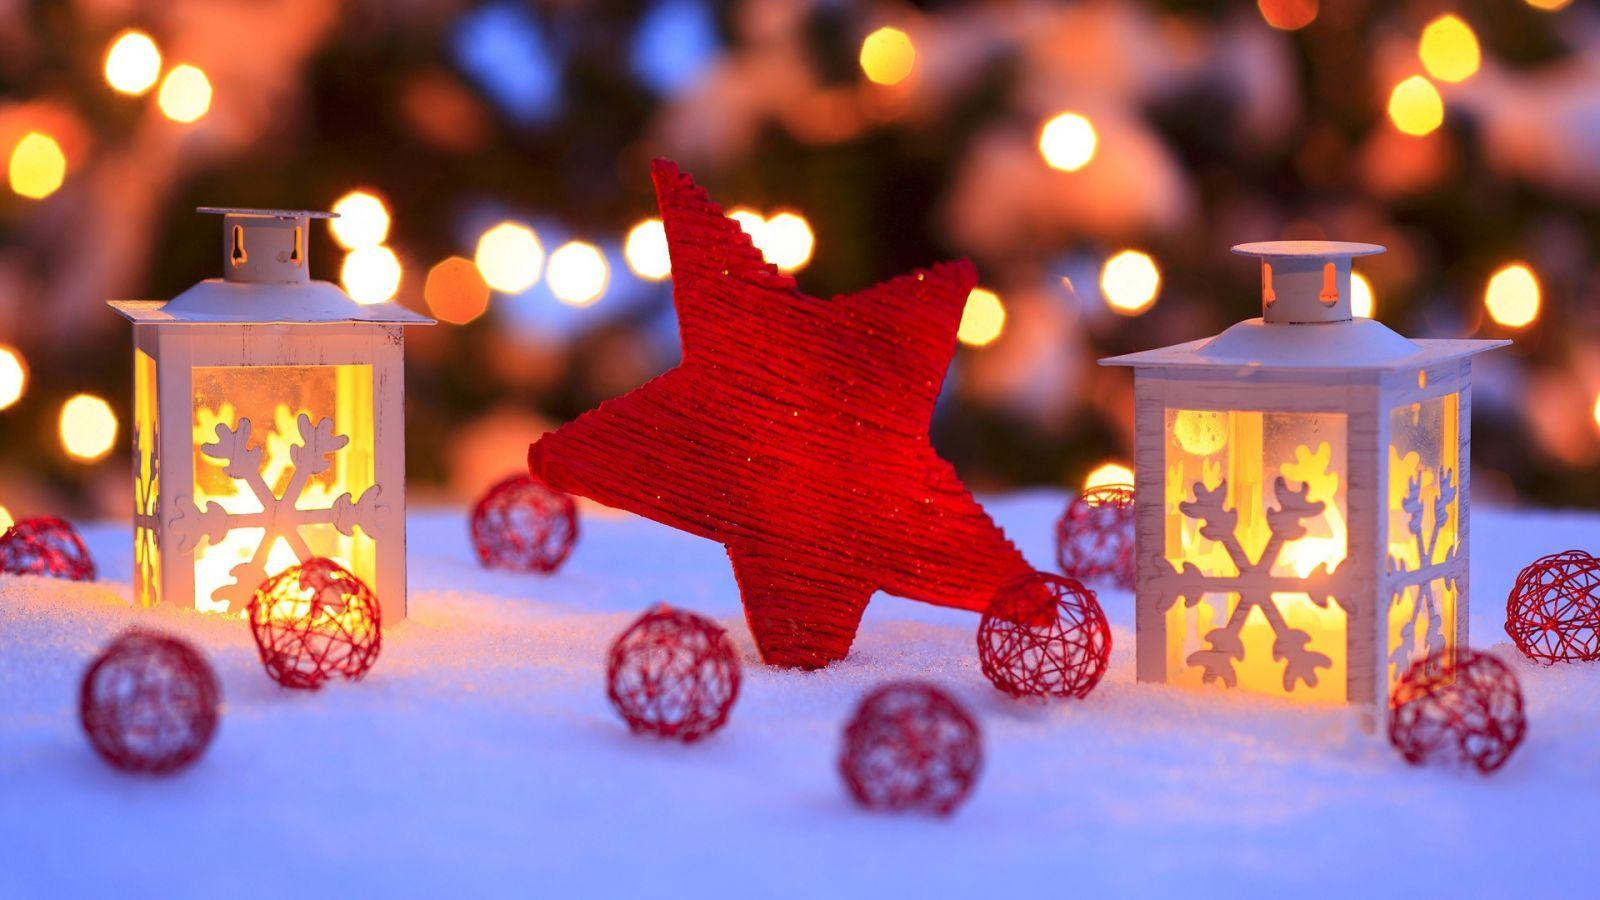 A Legszebb Karacsonyi Hatterkepek Christmas Desktop Wallpaper Christmas Wallpaper Hd Christmas Desktop